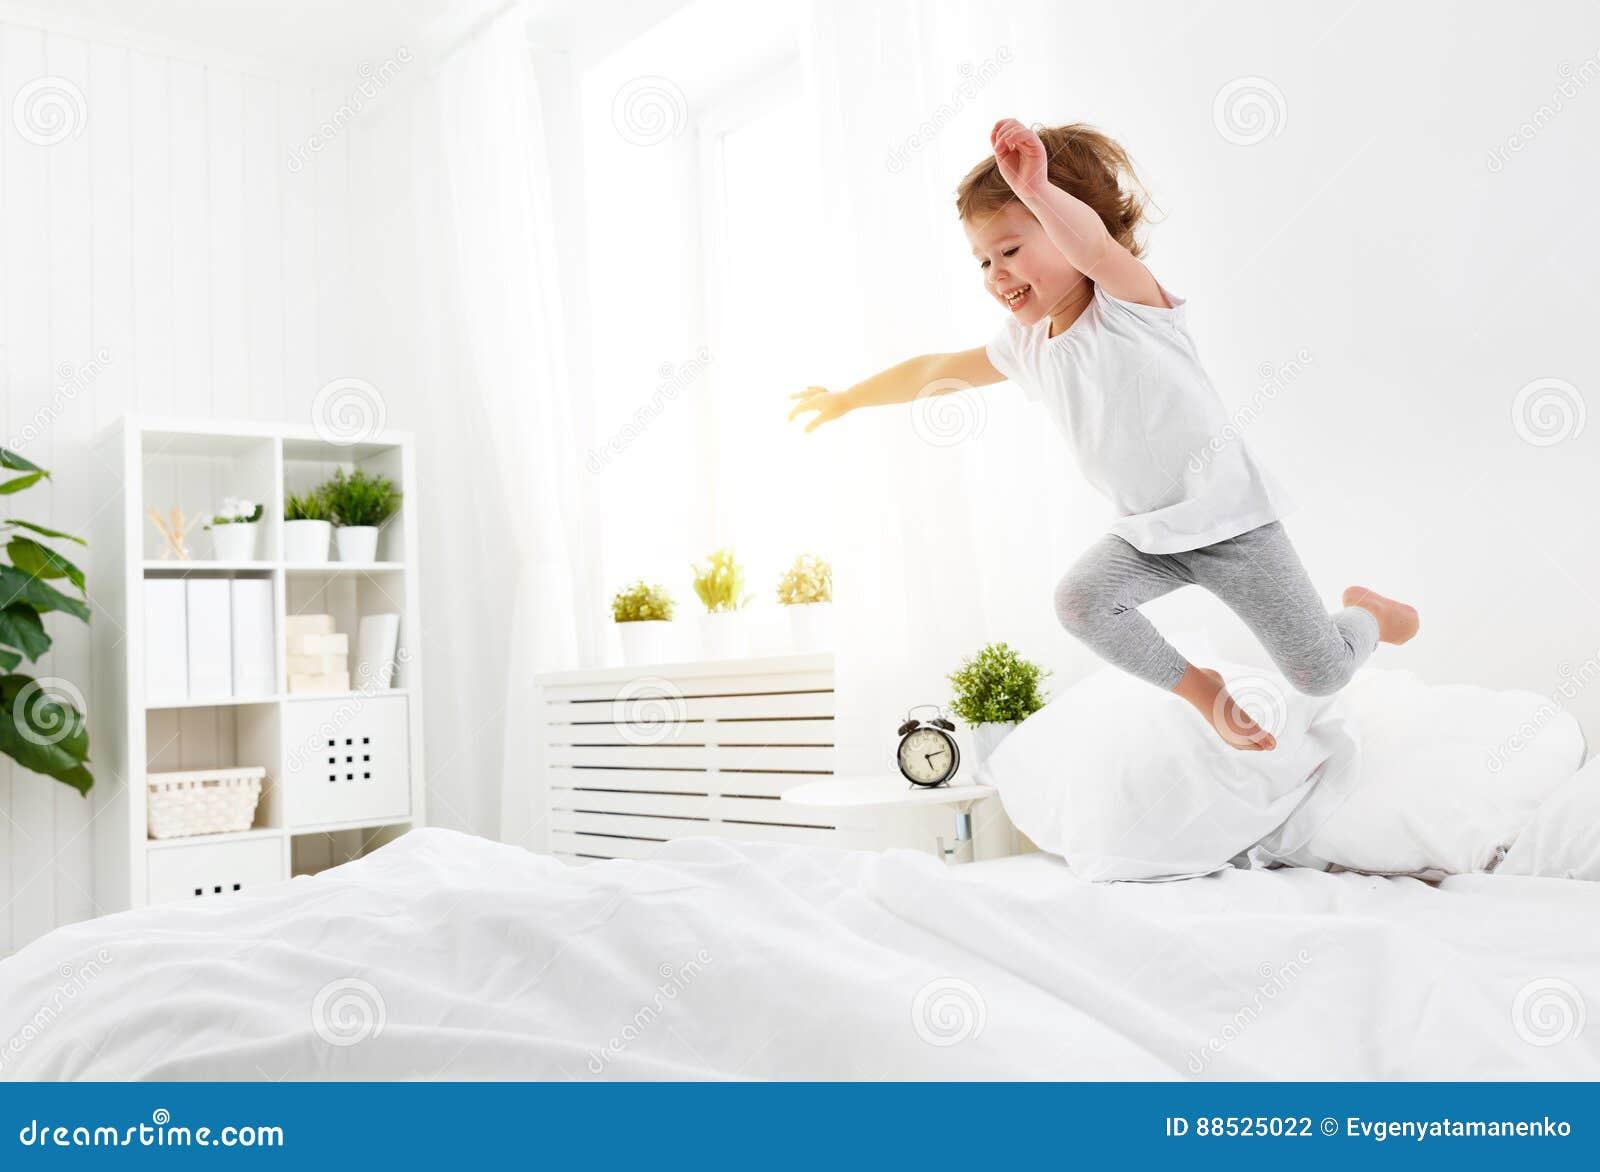 Gluckliches Kindermadchen Springt Und Spielt Bett Stockfoto Bild